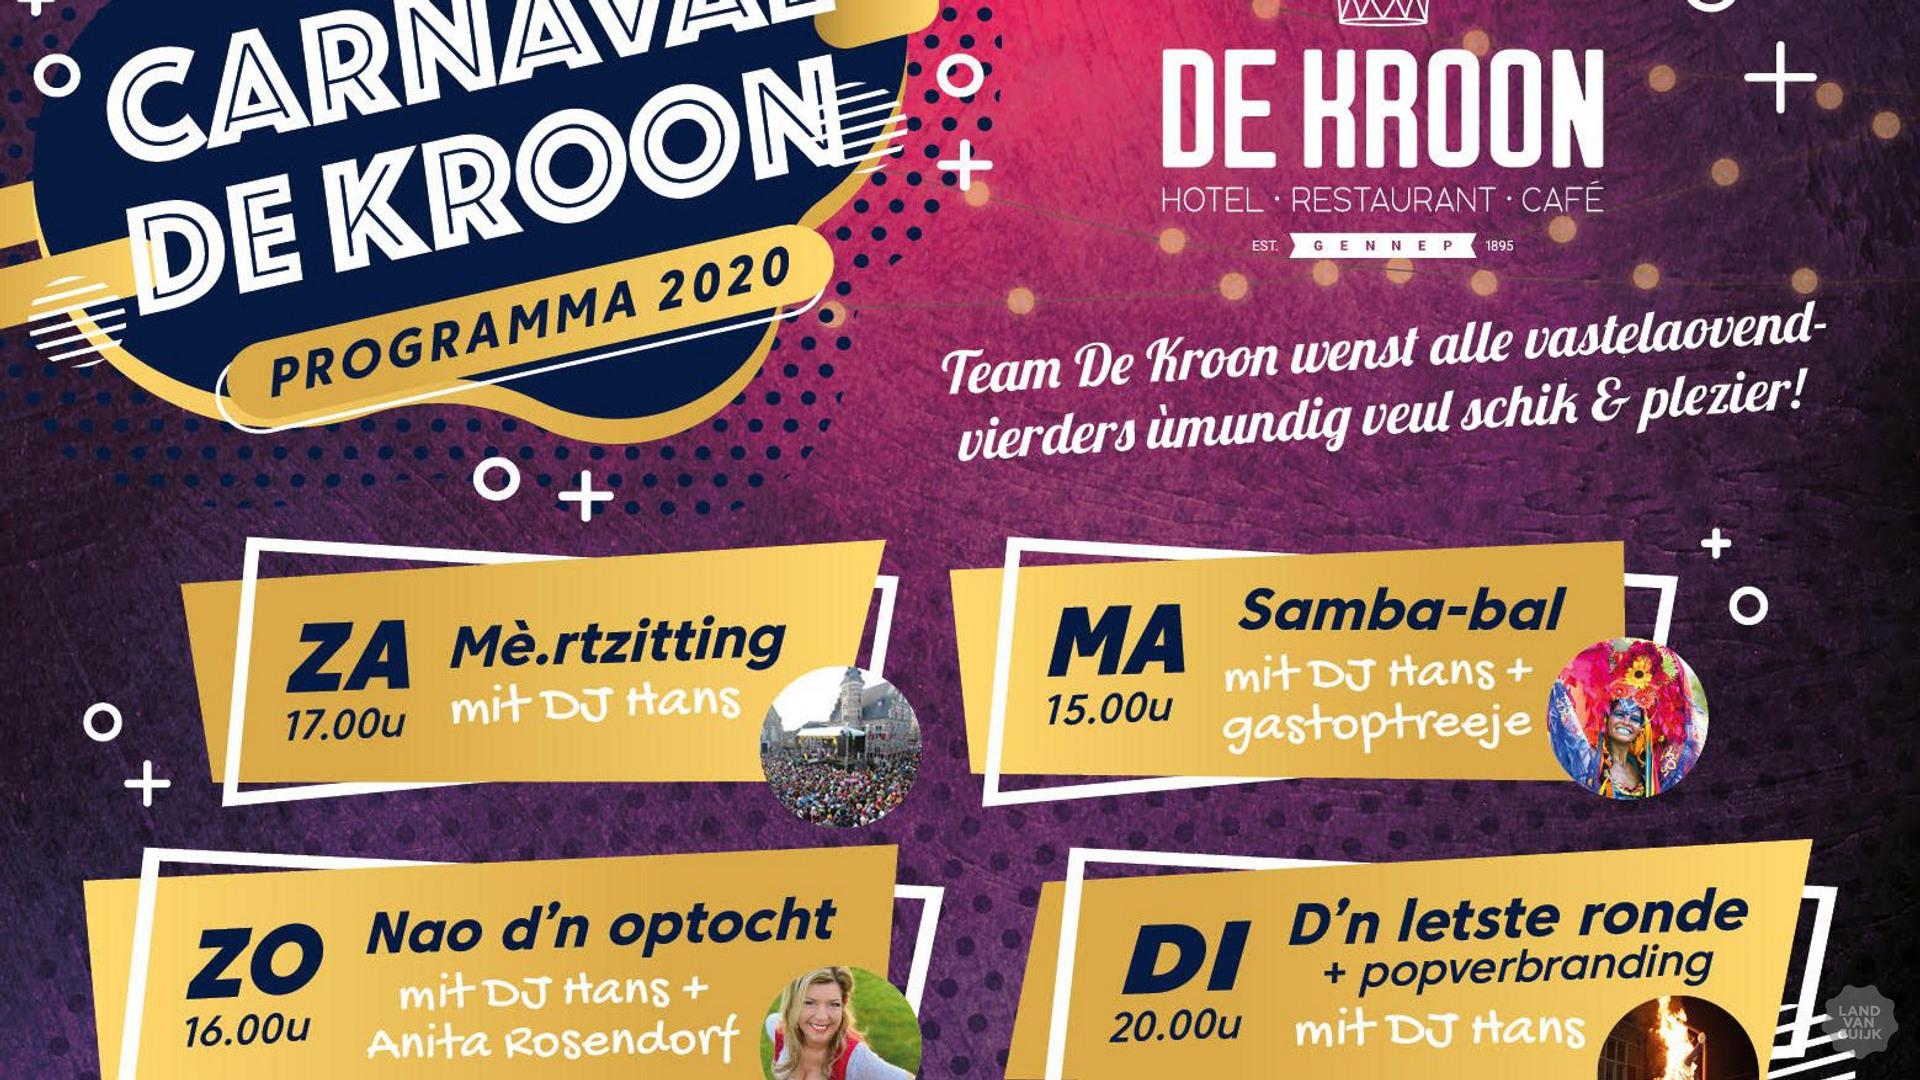 Kroon - Carnaval